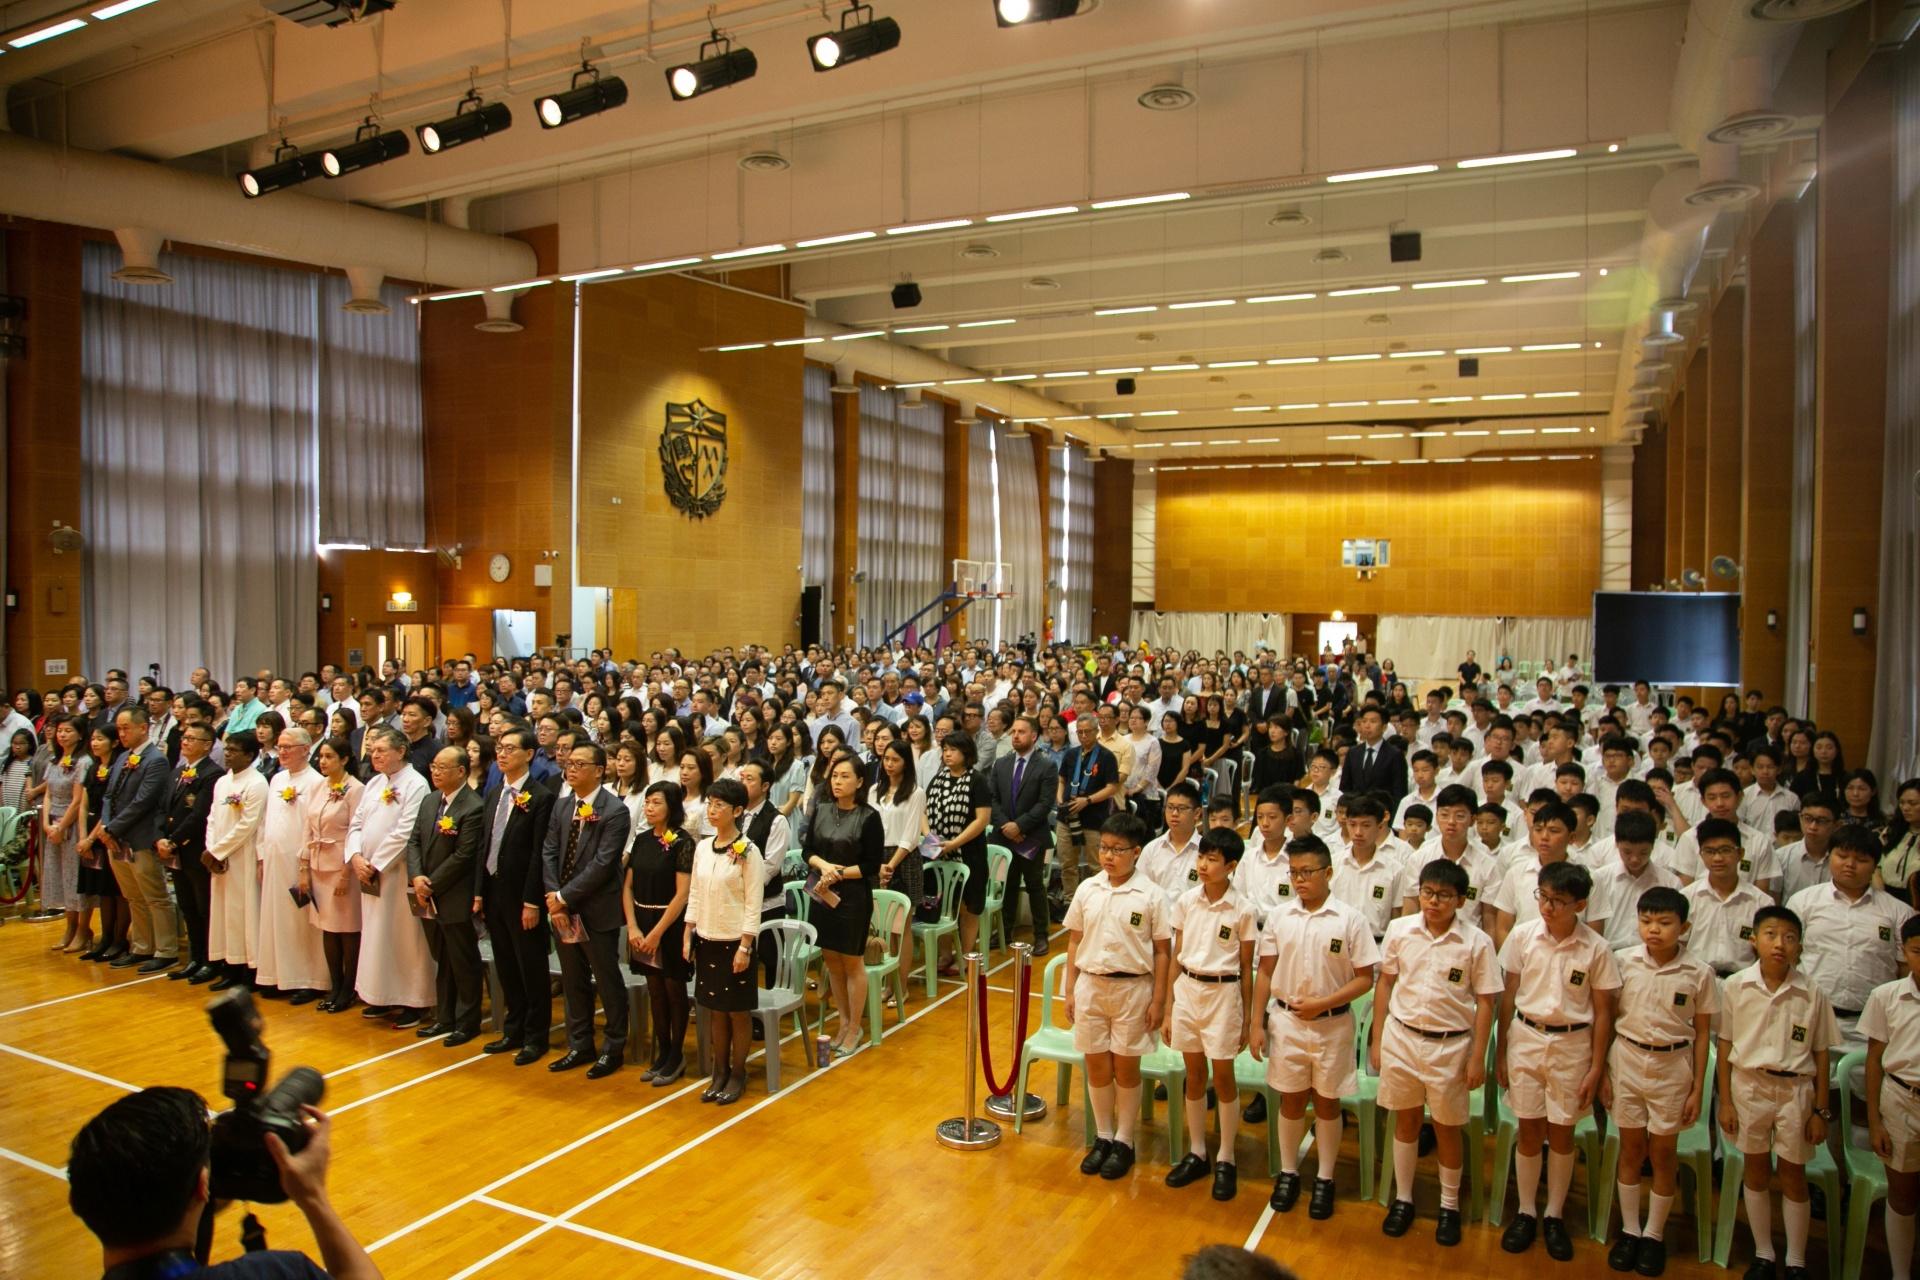 該校提倡愛主、愛己、愛人的「喇沙精神」,拒絕轉為自資學校